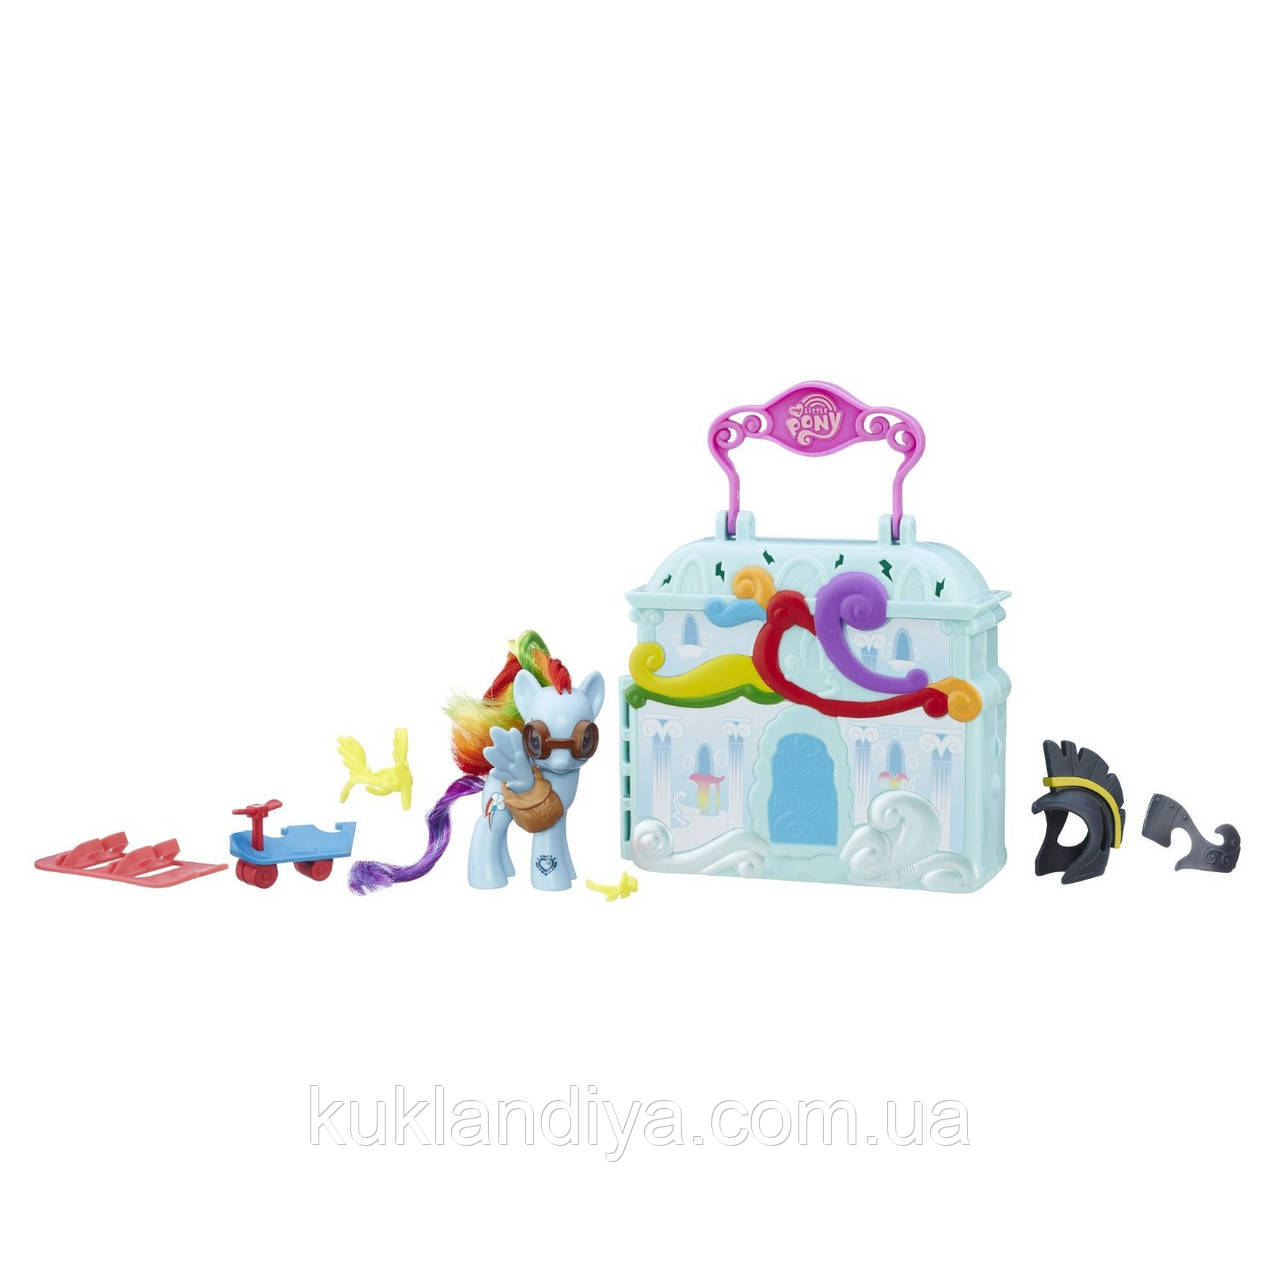 Набор My Little Pony Радуга Дэш с домиком